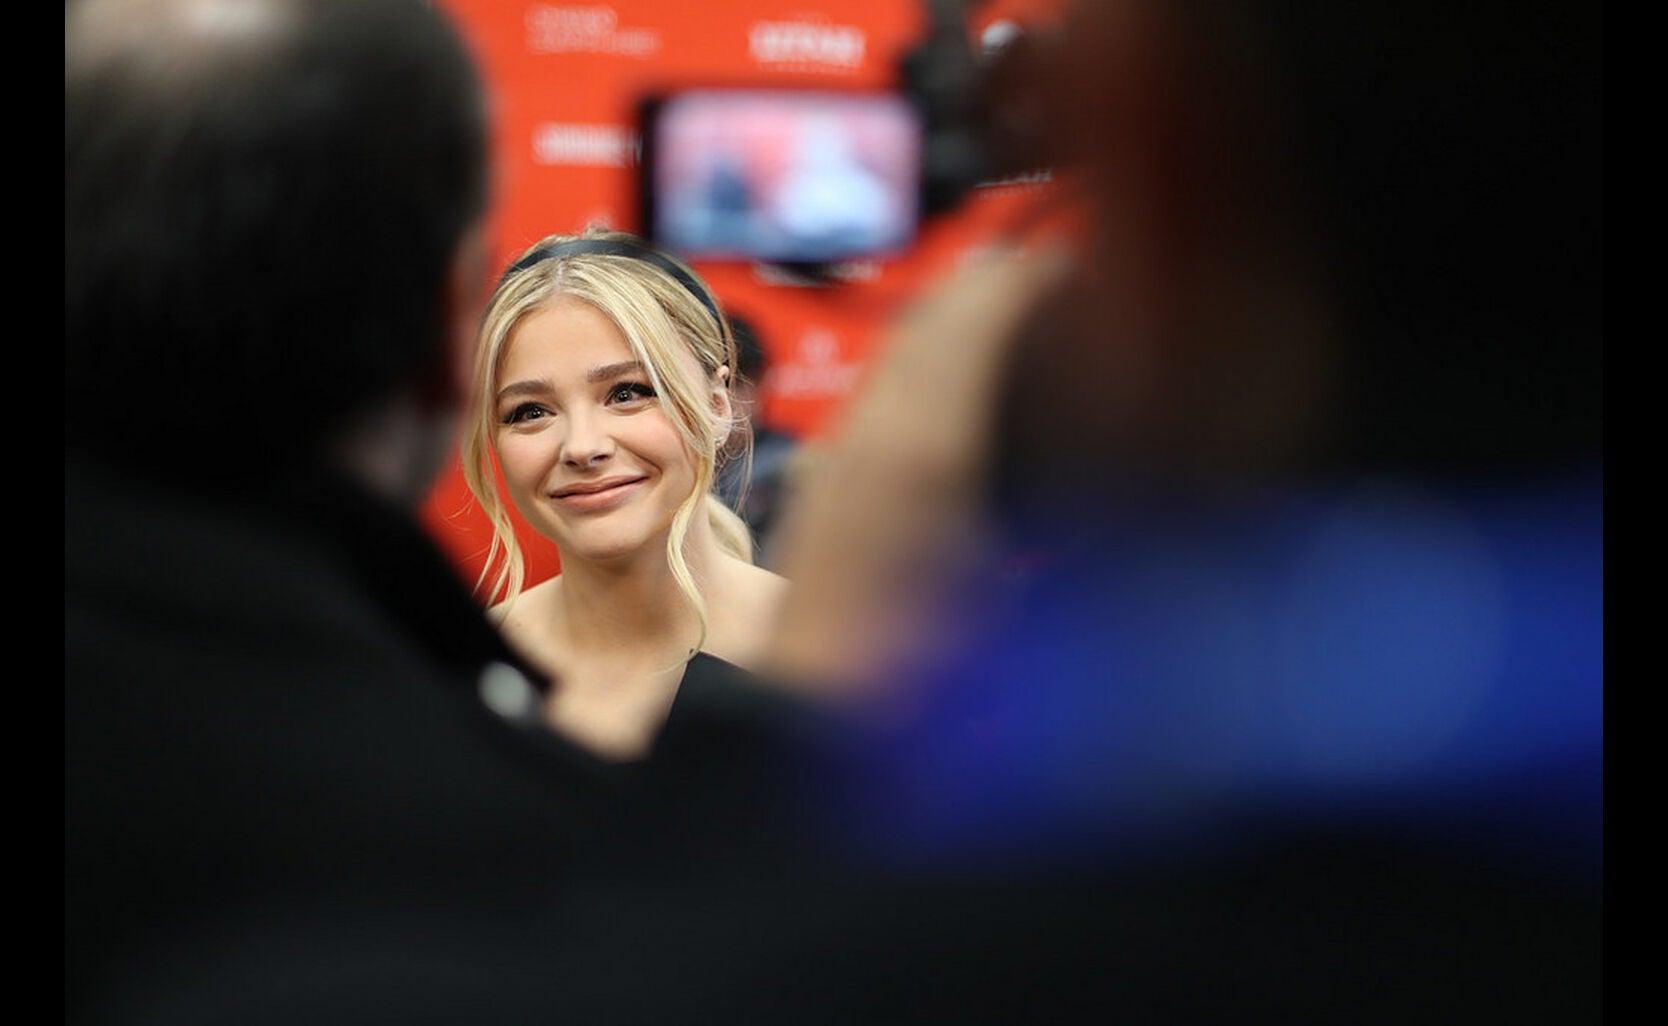 Actor Chloe Moretz in Sundance 2018